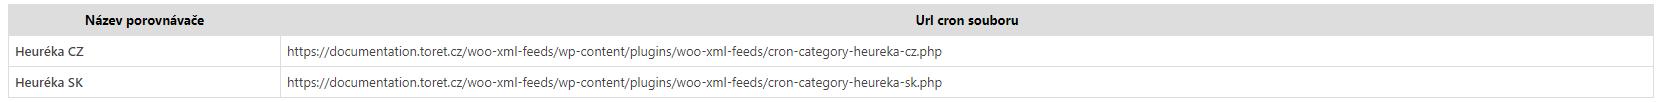 Aktualizace kategorií porovnávačů zboží